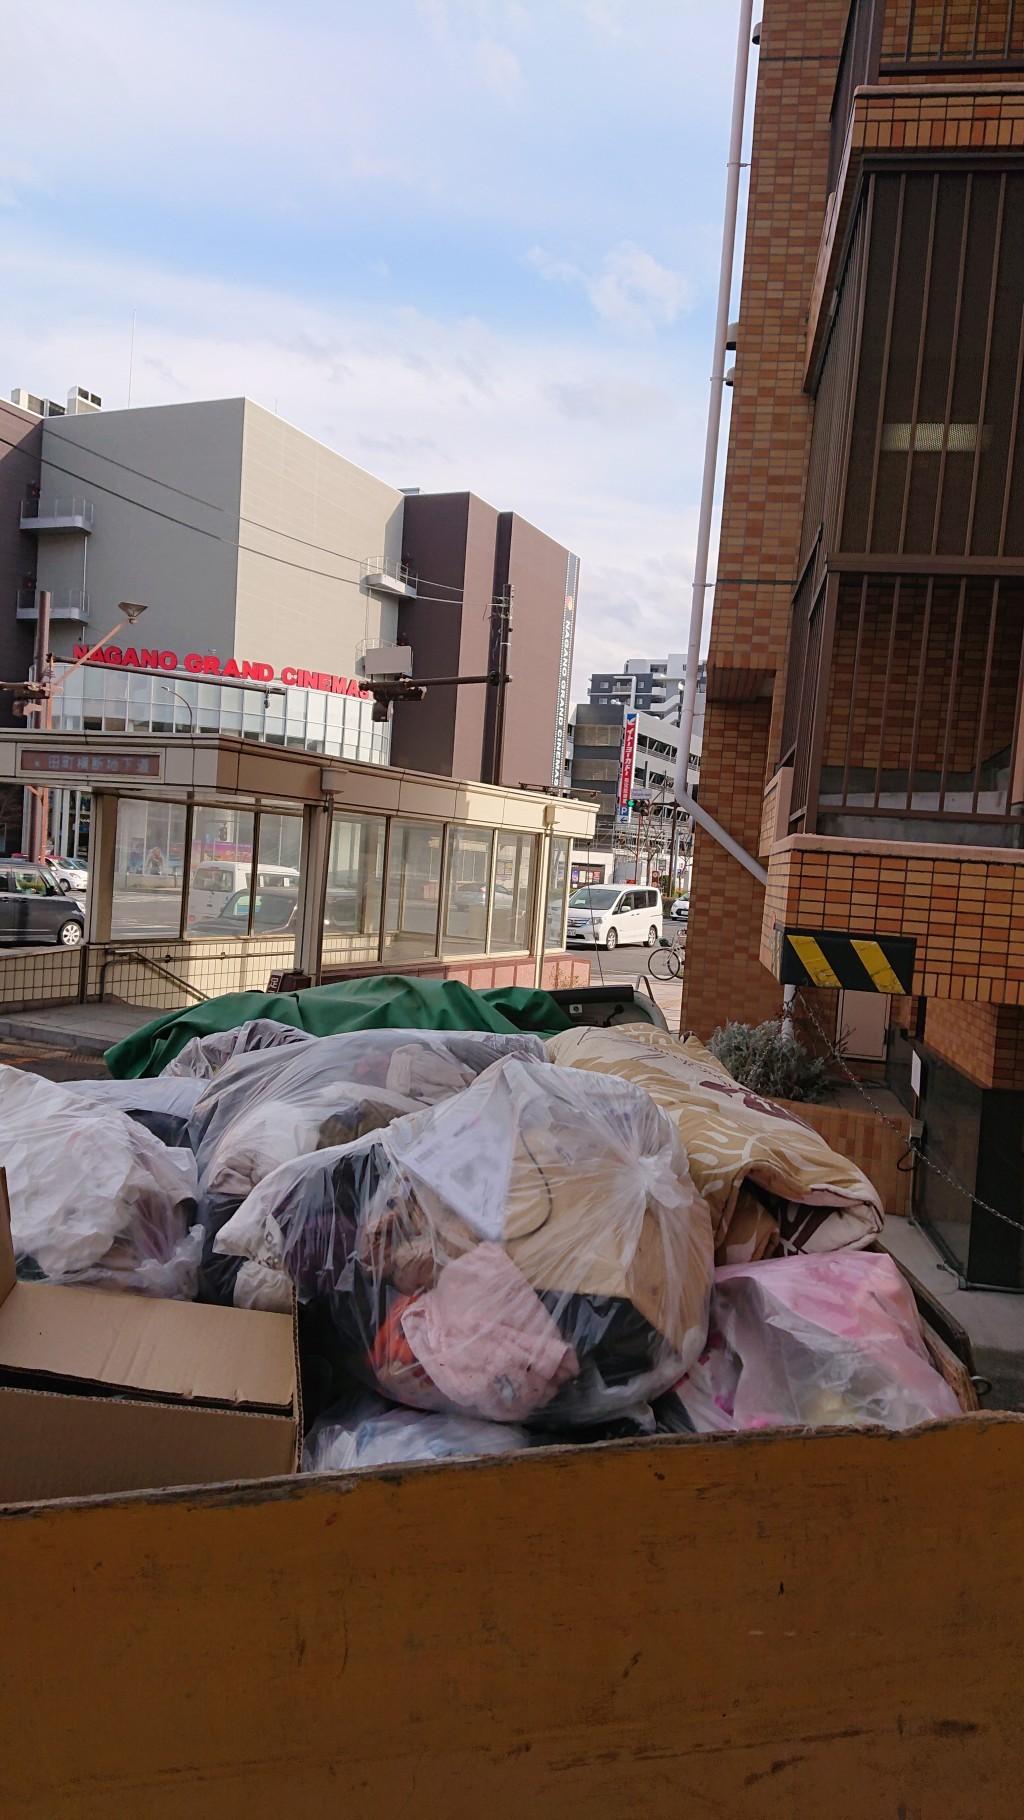 【長野市三輪田町】1Kの片付けと不用品処分☆散らかった状態でも綺麗に片付けさせていただきました!